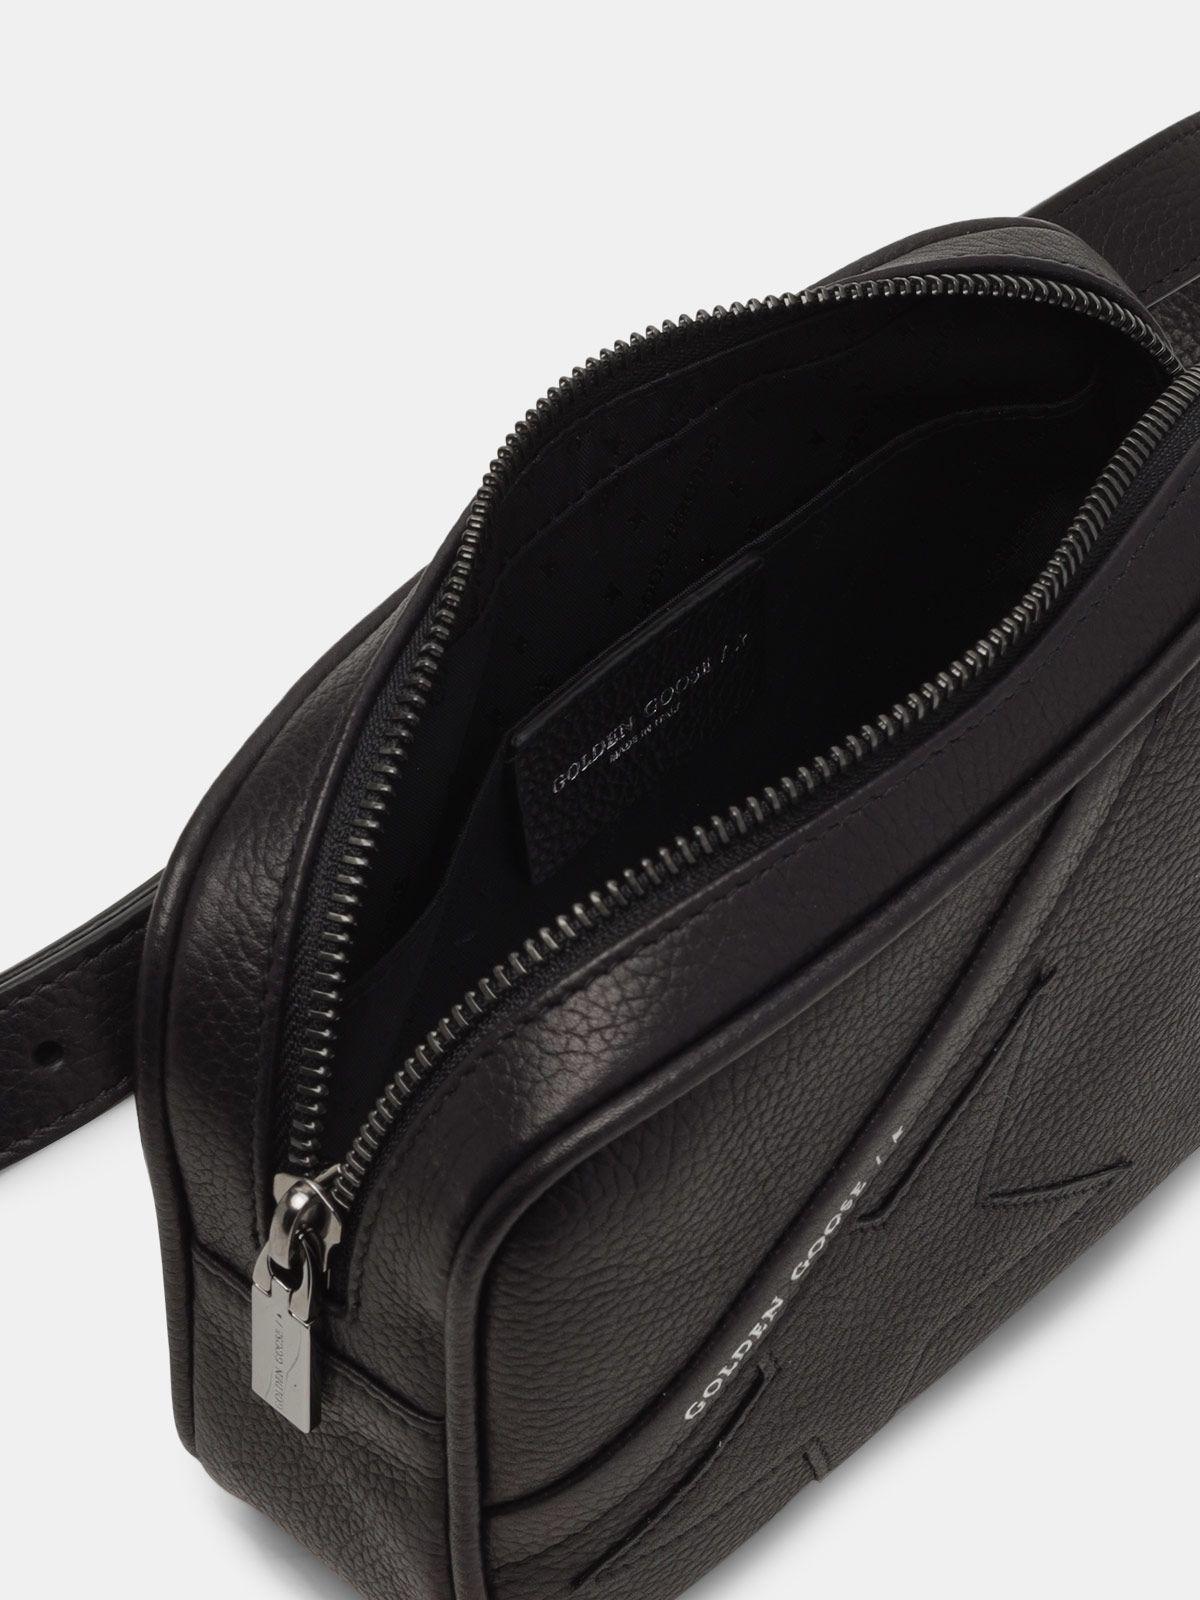 Golden Goose - Black Star Belt Bag made of hammered leather in